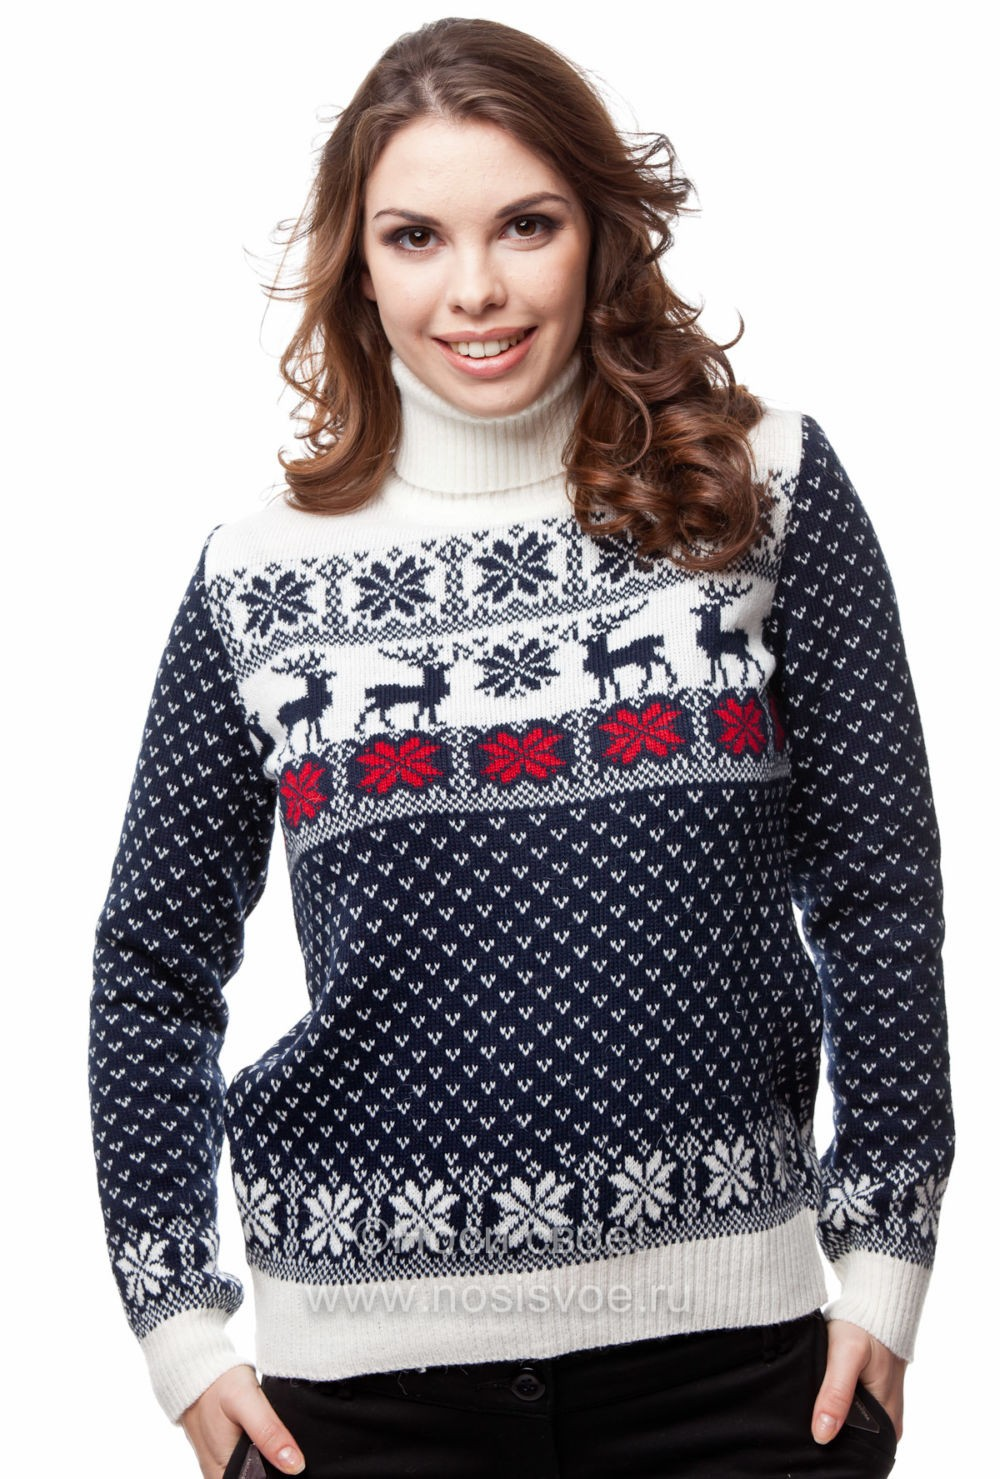 черно-белый свитер с маленькими оленями